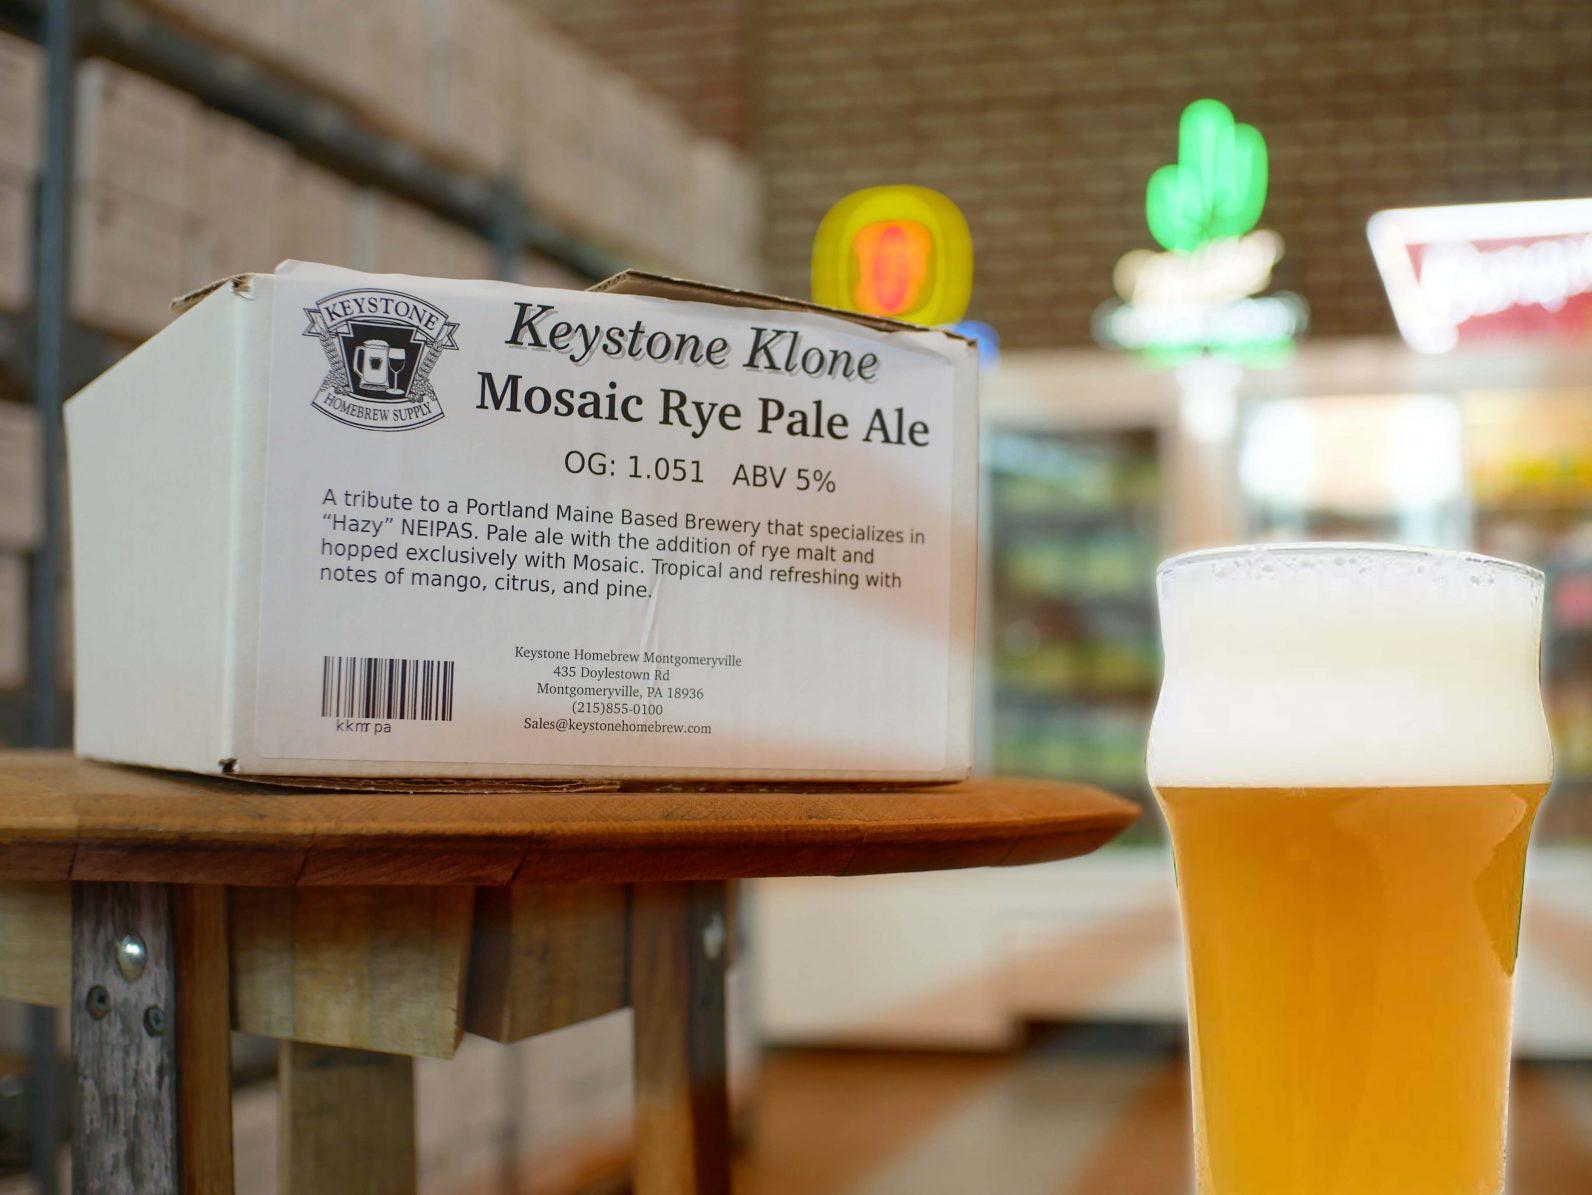 Mosaic Rye Box Kit